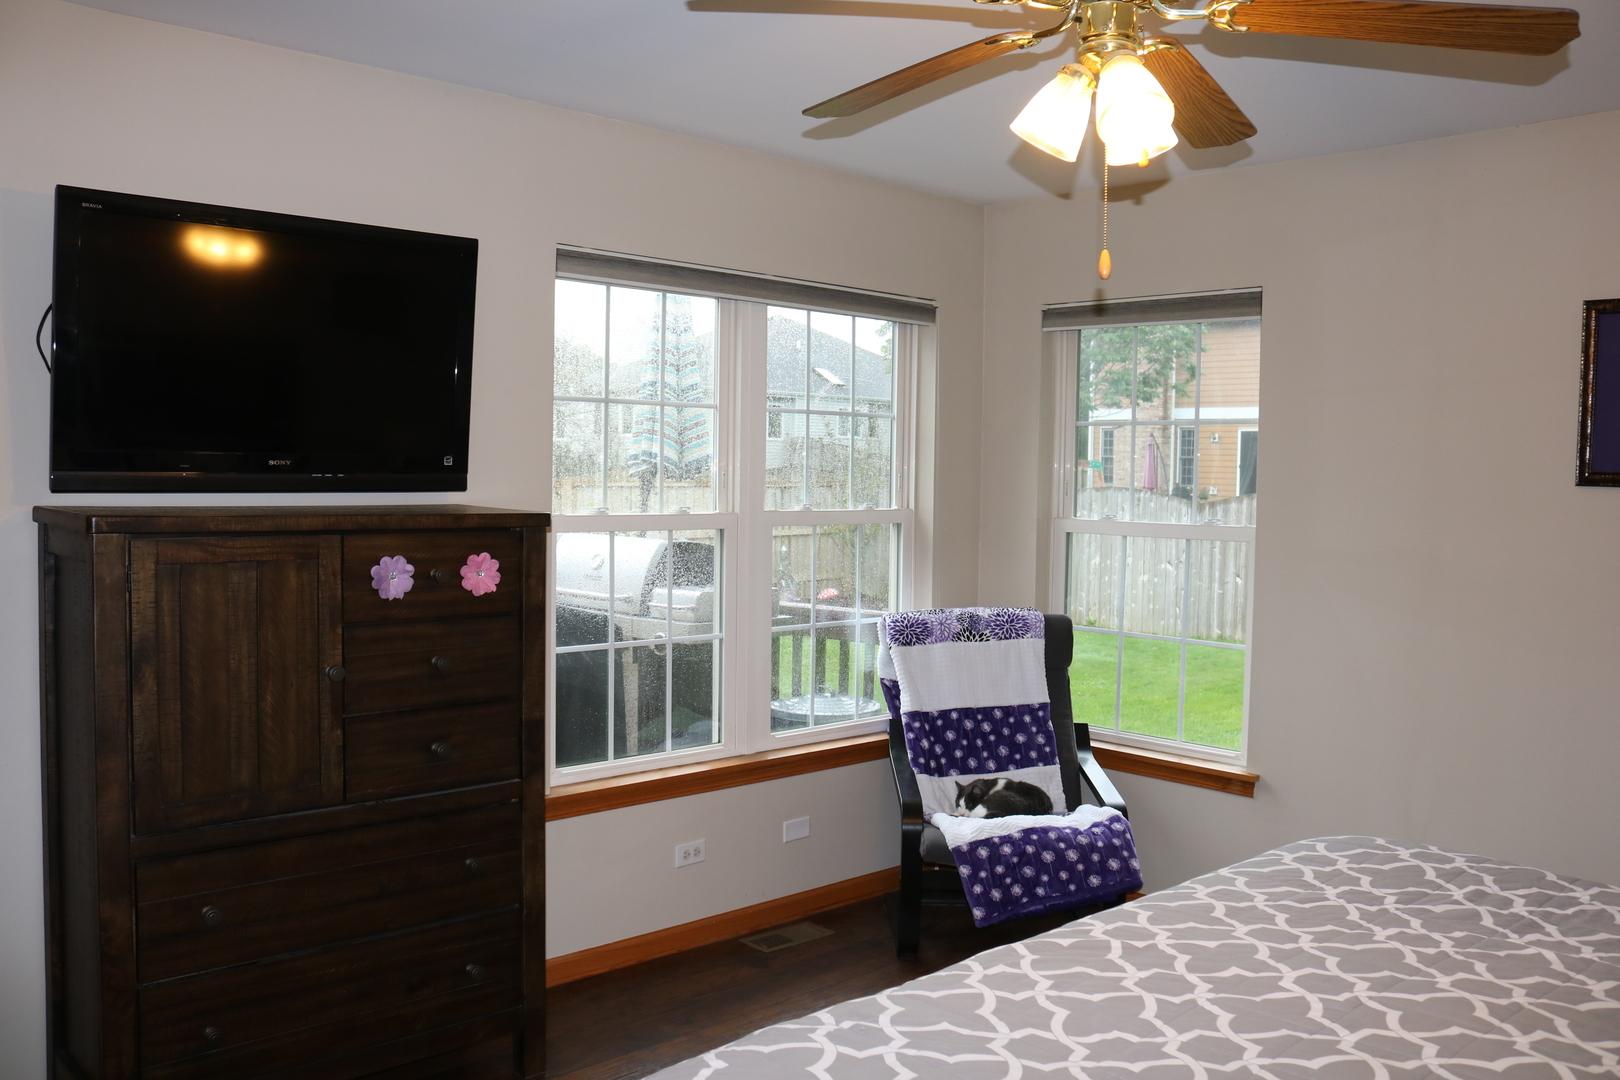 419 South Elizabeth, Maple Park, Illinois, 60151